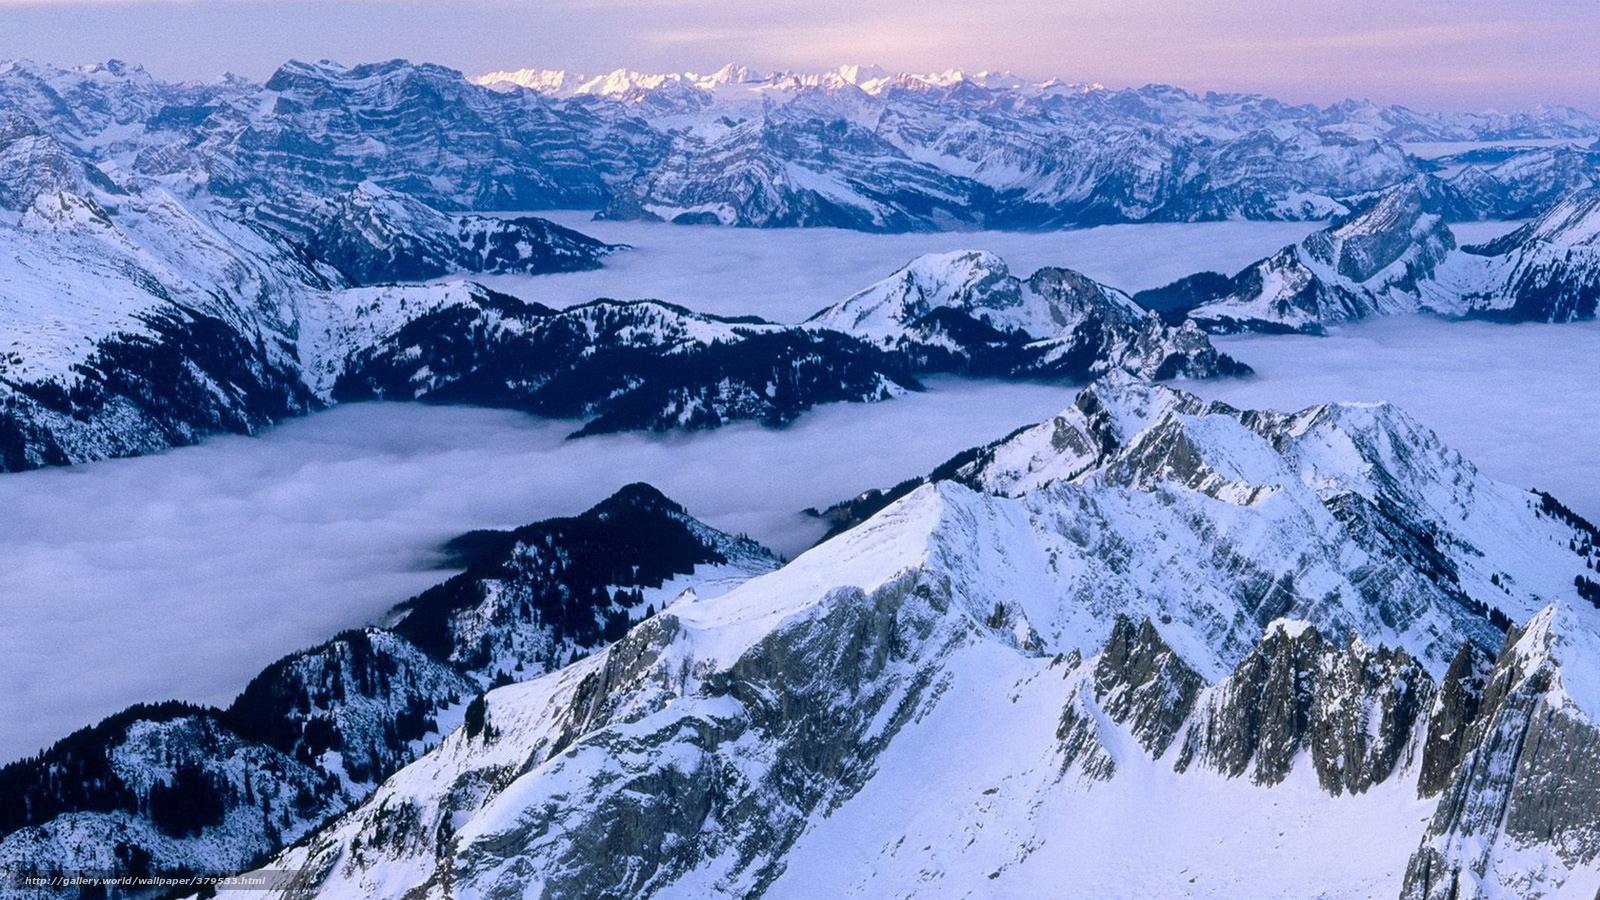 Scaricare Gli Sfondi Montagne Neve Altezza Sfondi Gratis Per La